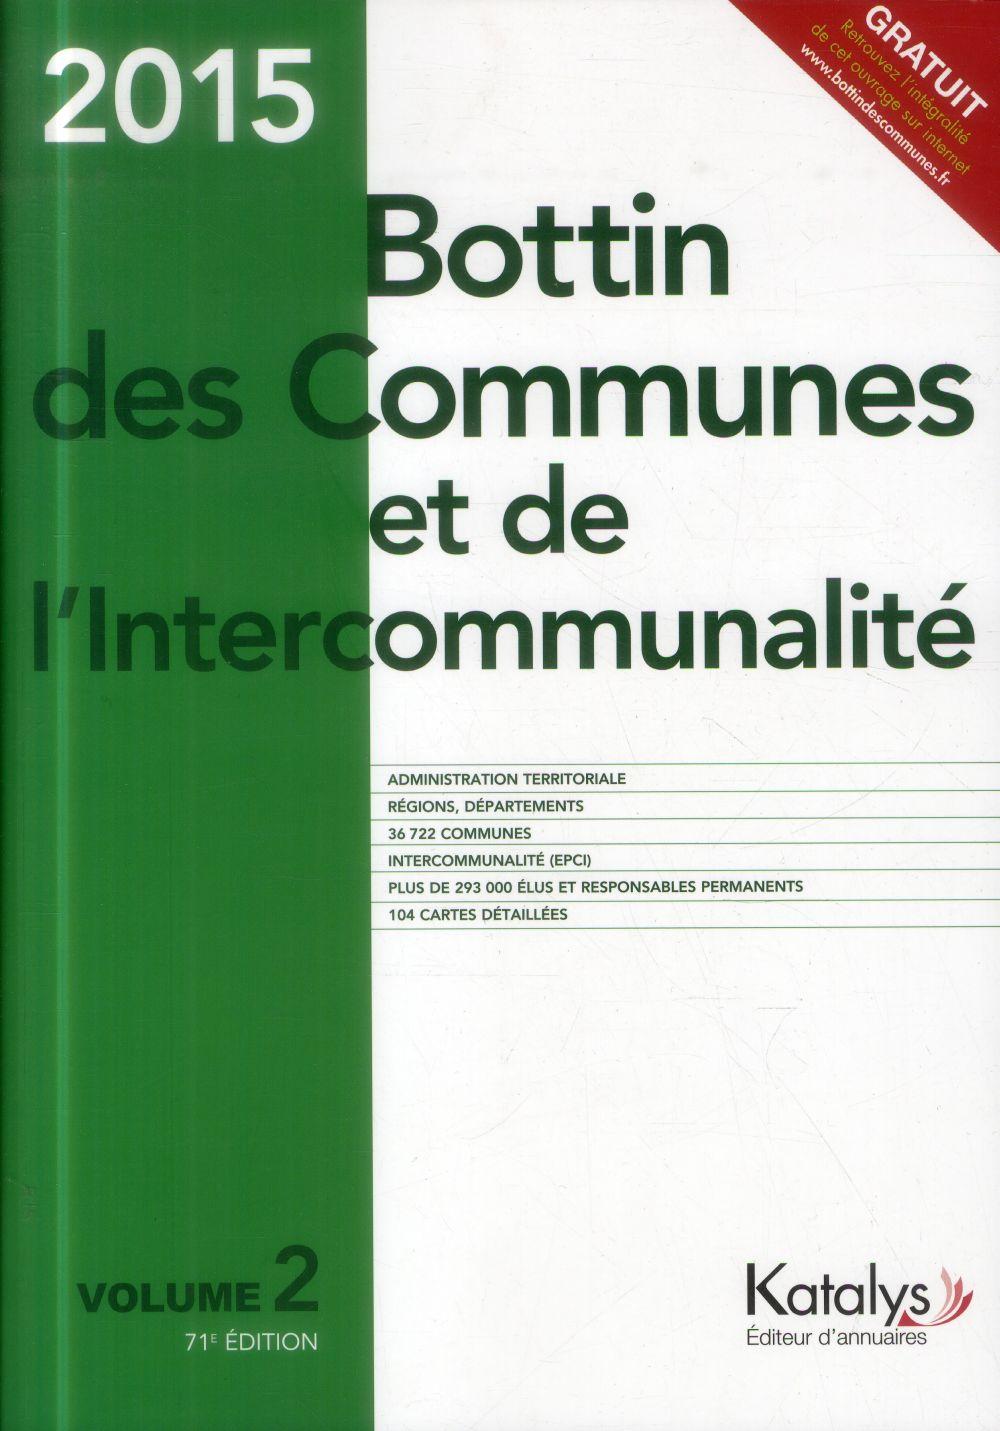 Bottin des communes et de l'intercommunalité (édition 2015)